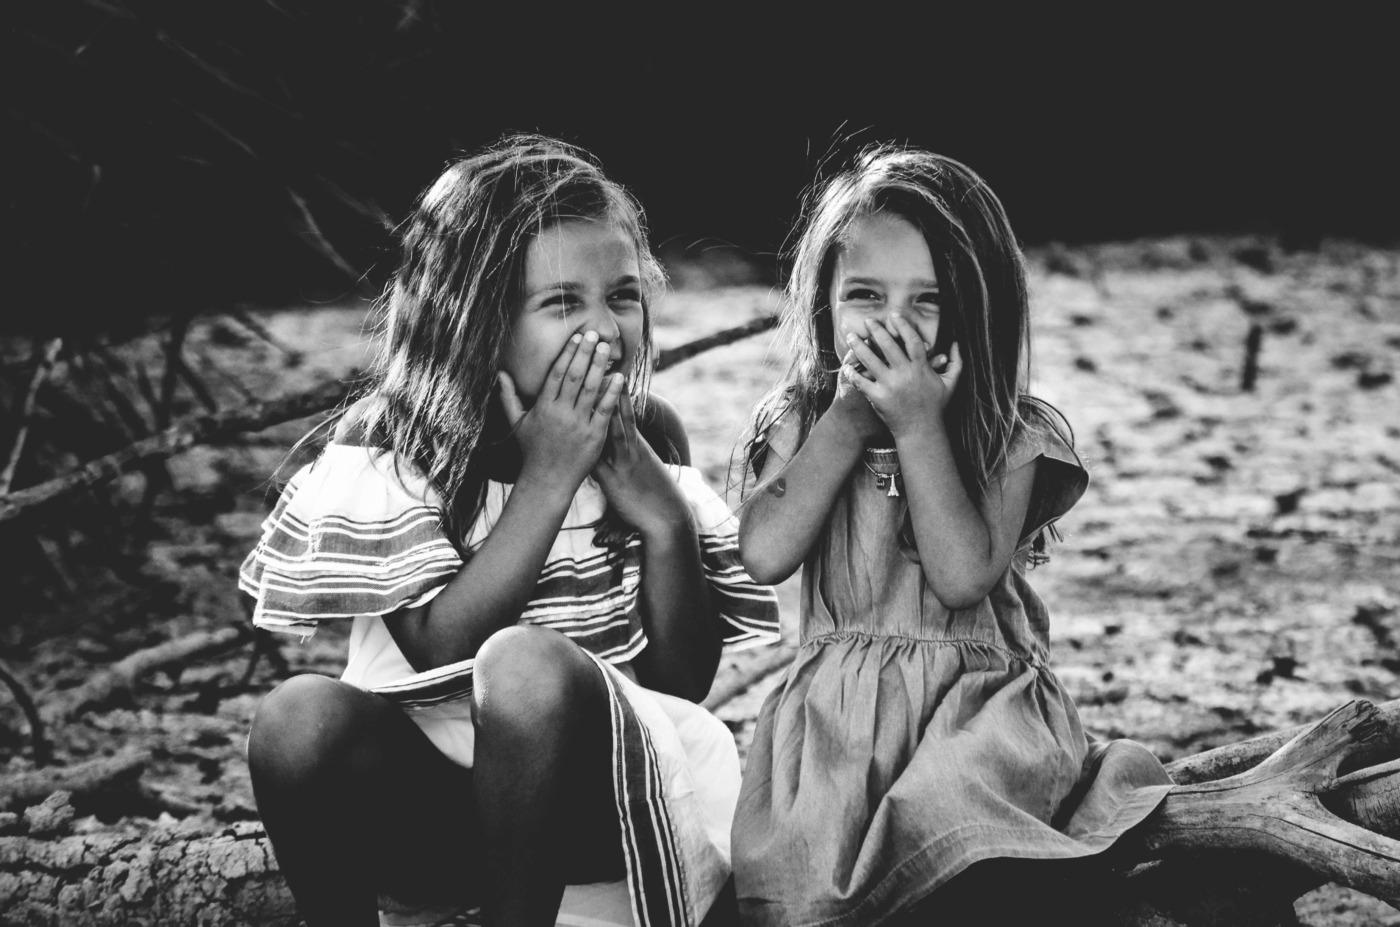 Friendship/ Image: Unsplash